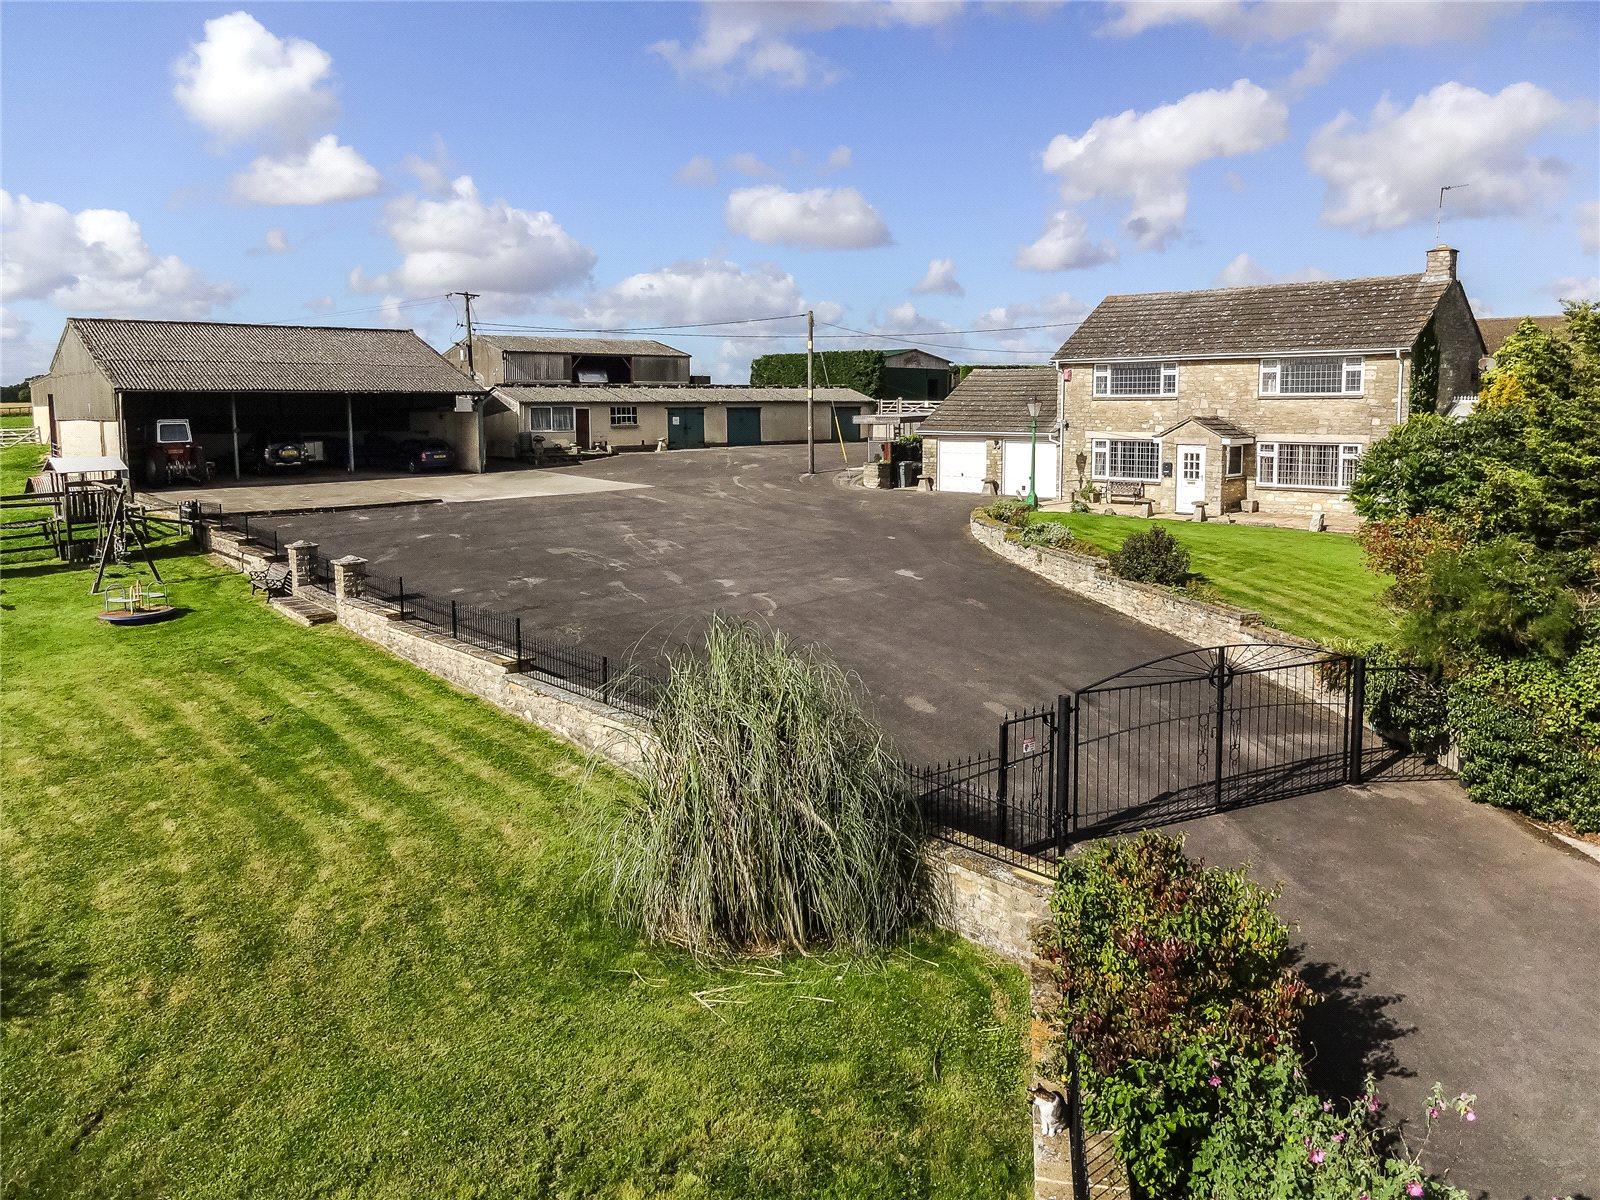 Ферма / Ранчо / Плантация для того Продажа на Oxford Road, Witney, Oxfordshire, OX29 Witney, Англия